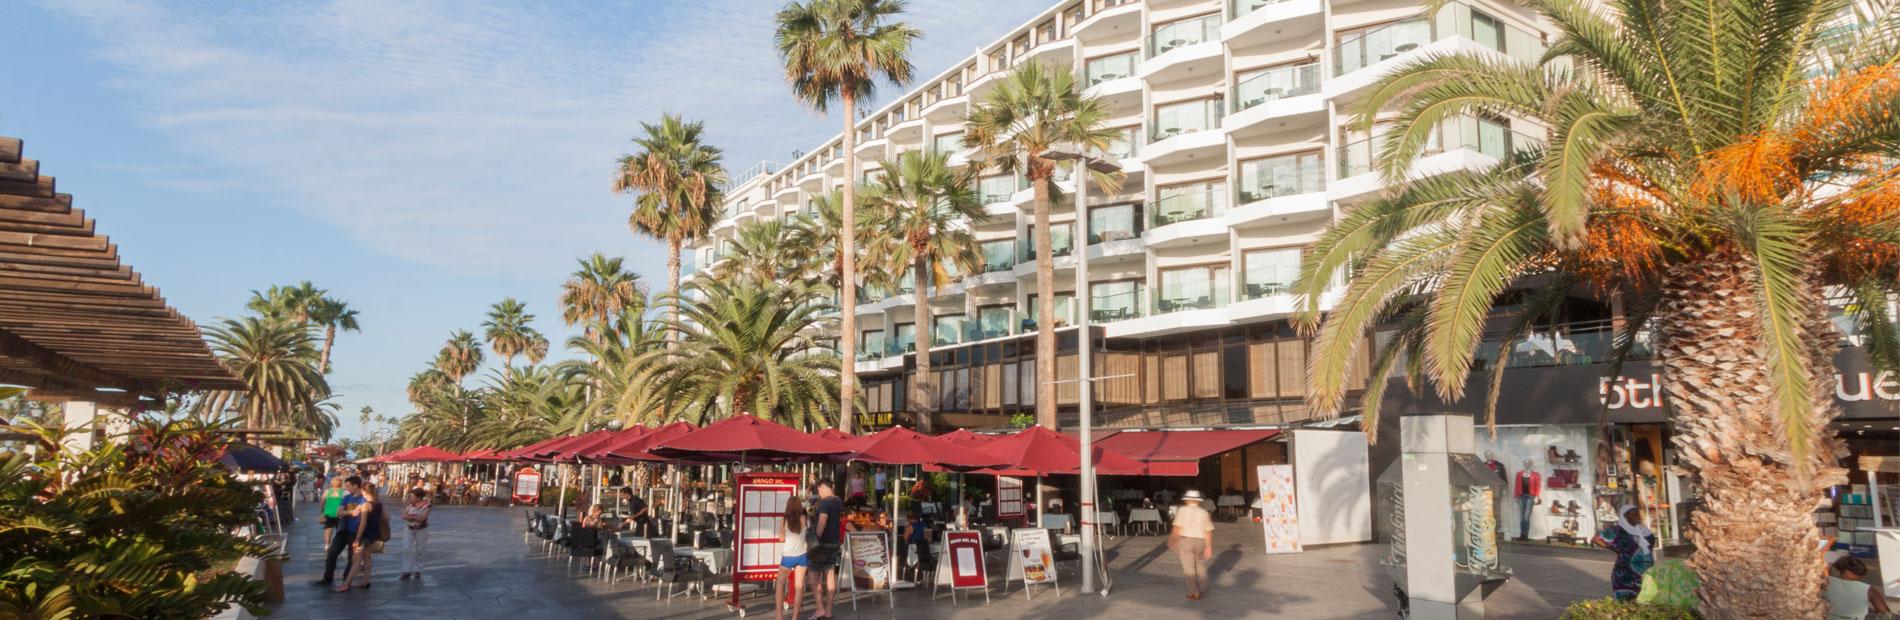 Hotel vallemar 4 puerto de la cruz tenerife official - Hotel vallemar puerto de la cruz ...